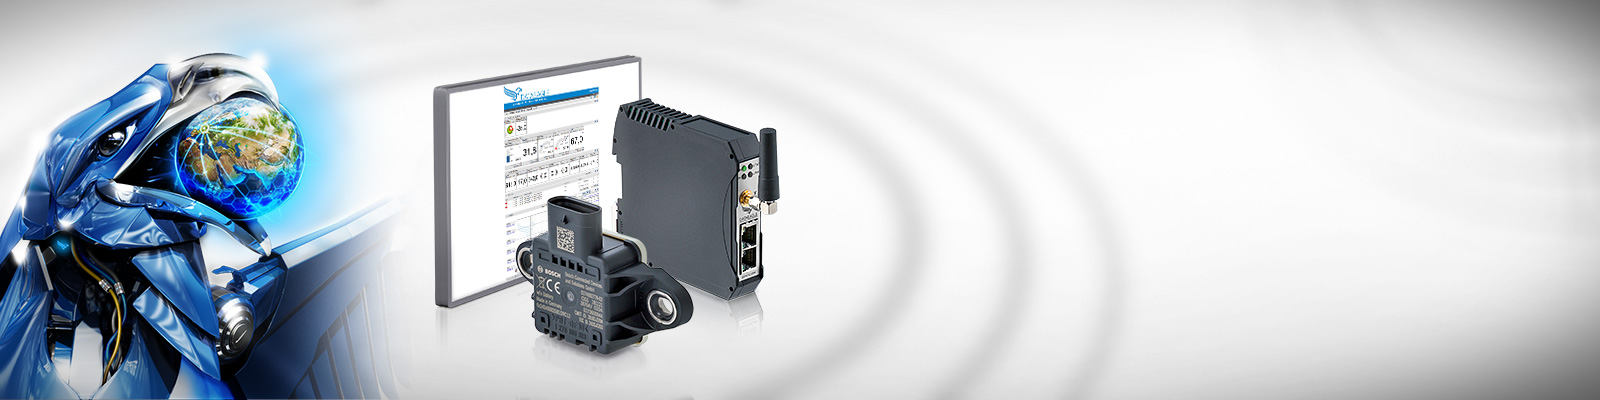 DATAEAGLE Condition Monitoring System - Fernüberwachung von Motoren und Maschinen